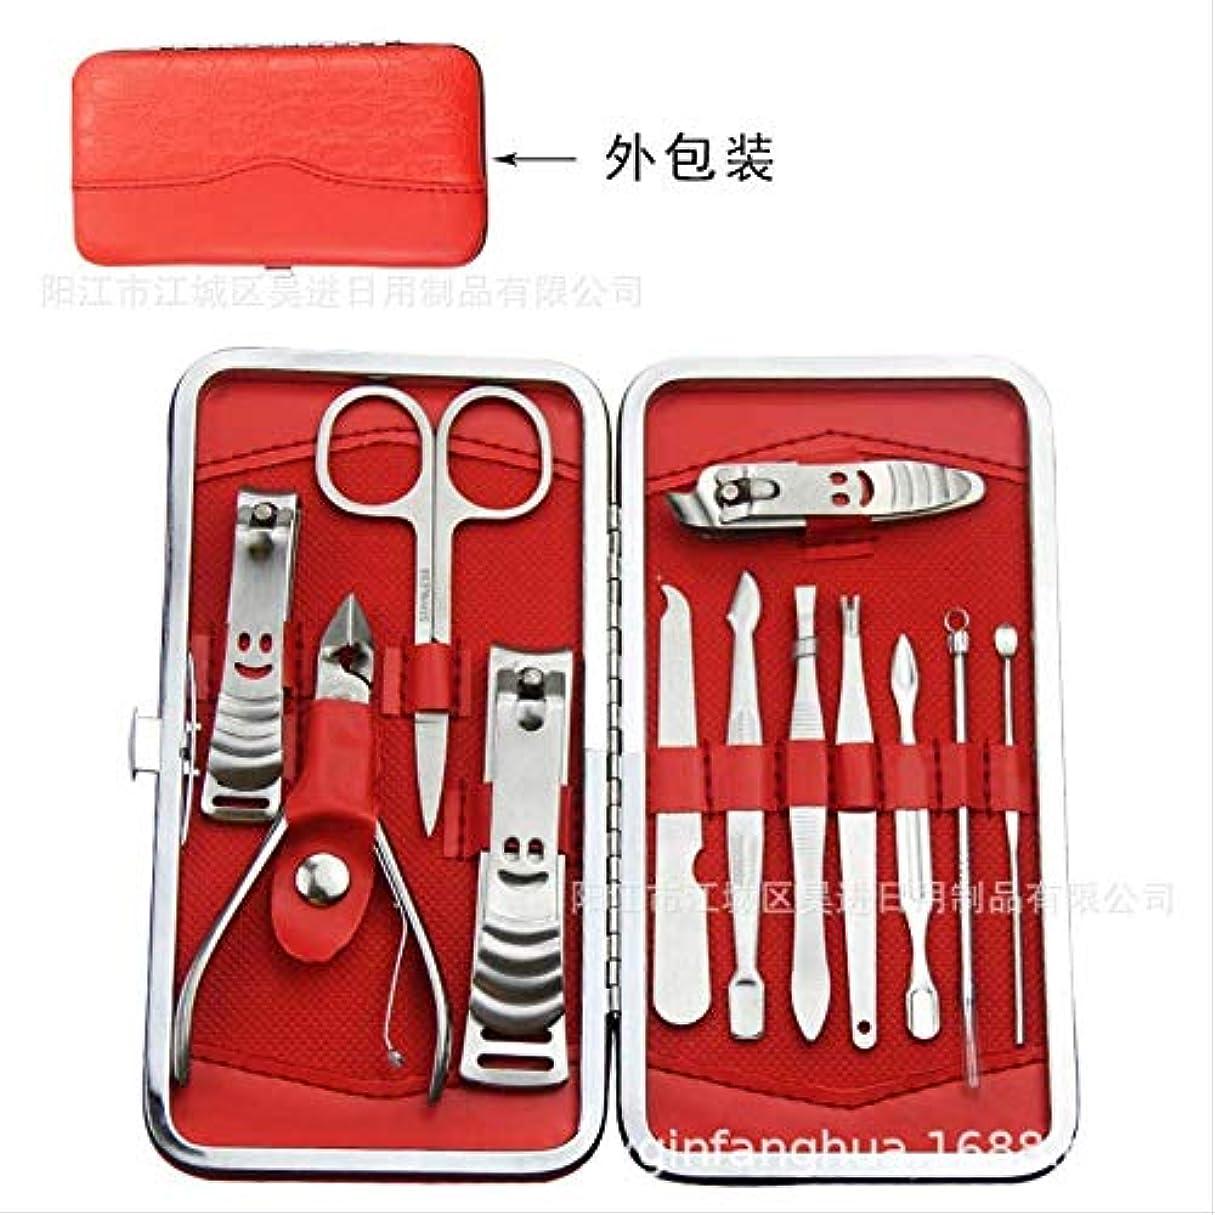 爪切りセット12ステンレス鋼爪切りセット美容マニキュアツール爪切り爪やすり 新しい正の赤いステンレス鋼12ピースセット